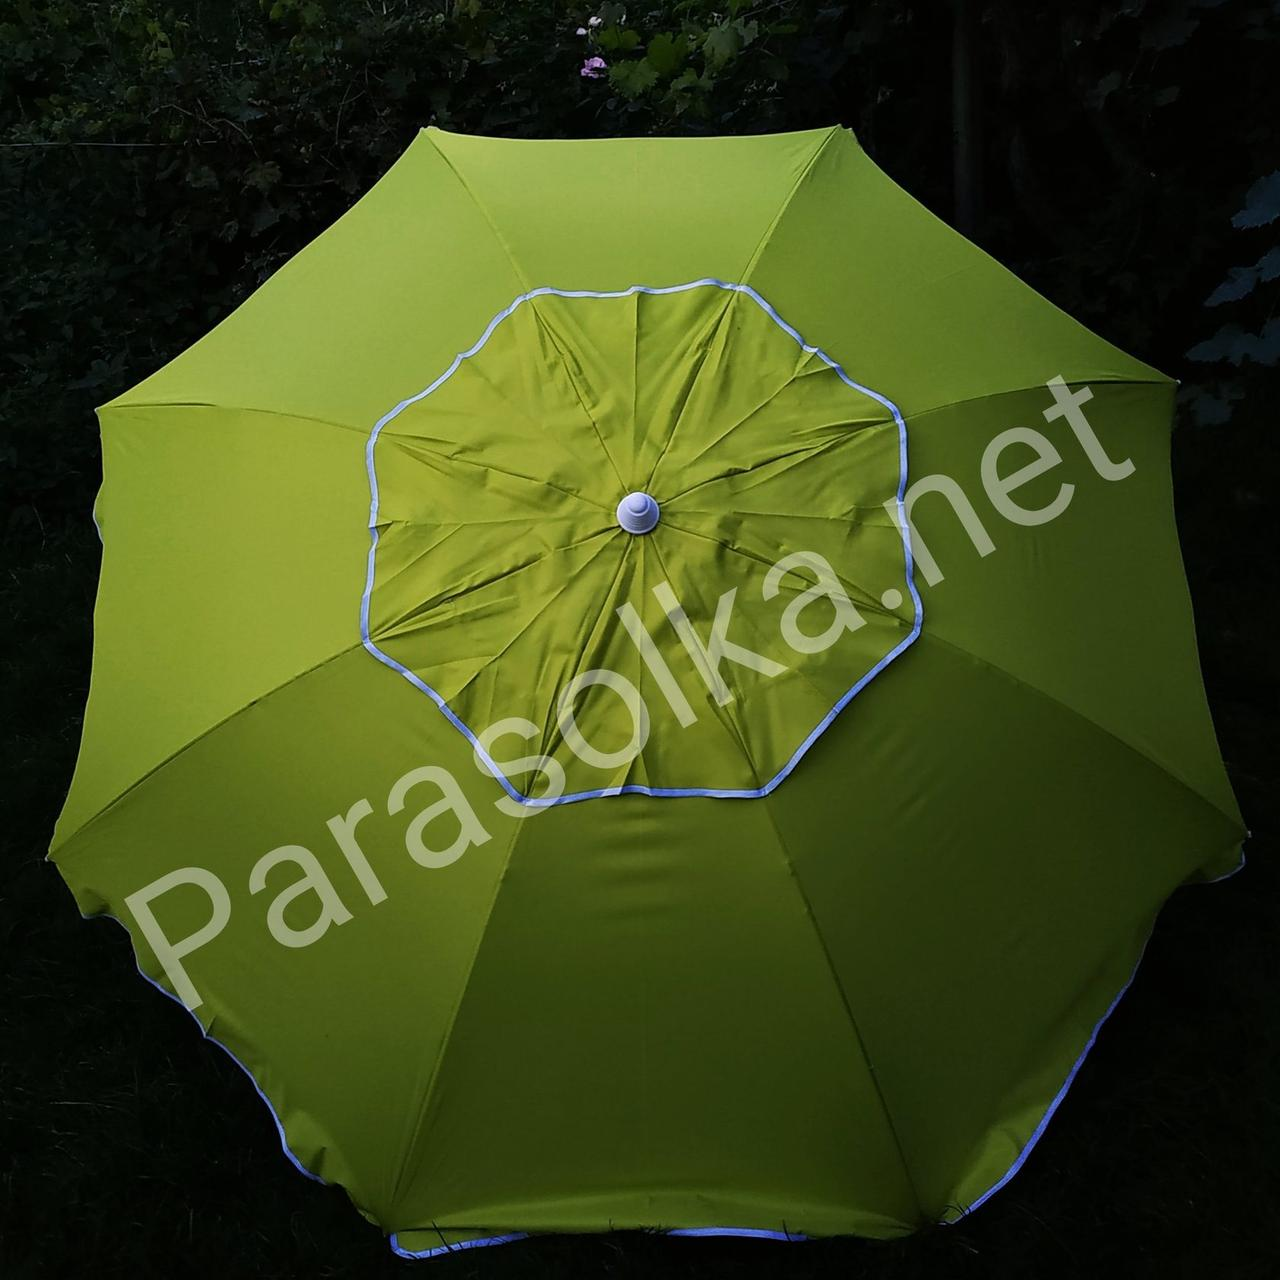 Зонт пляжний жовто - гірчичного кольору 2,1 метра брезентовий тканина